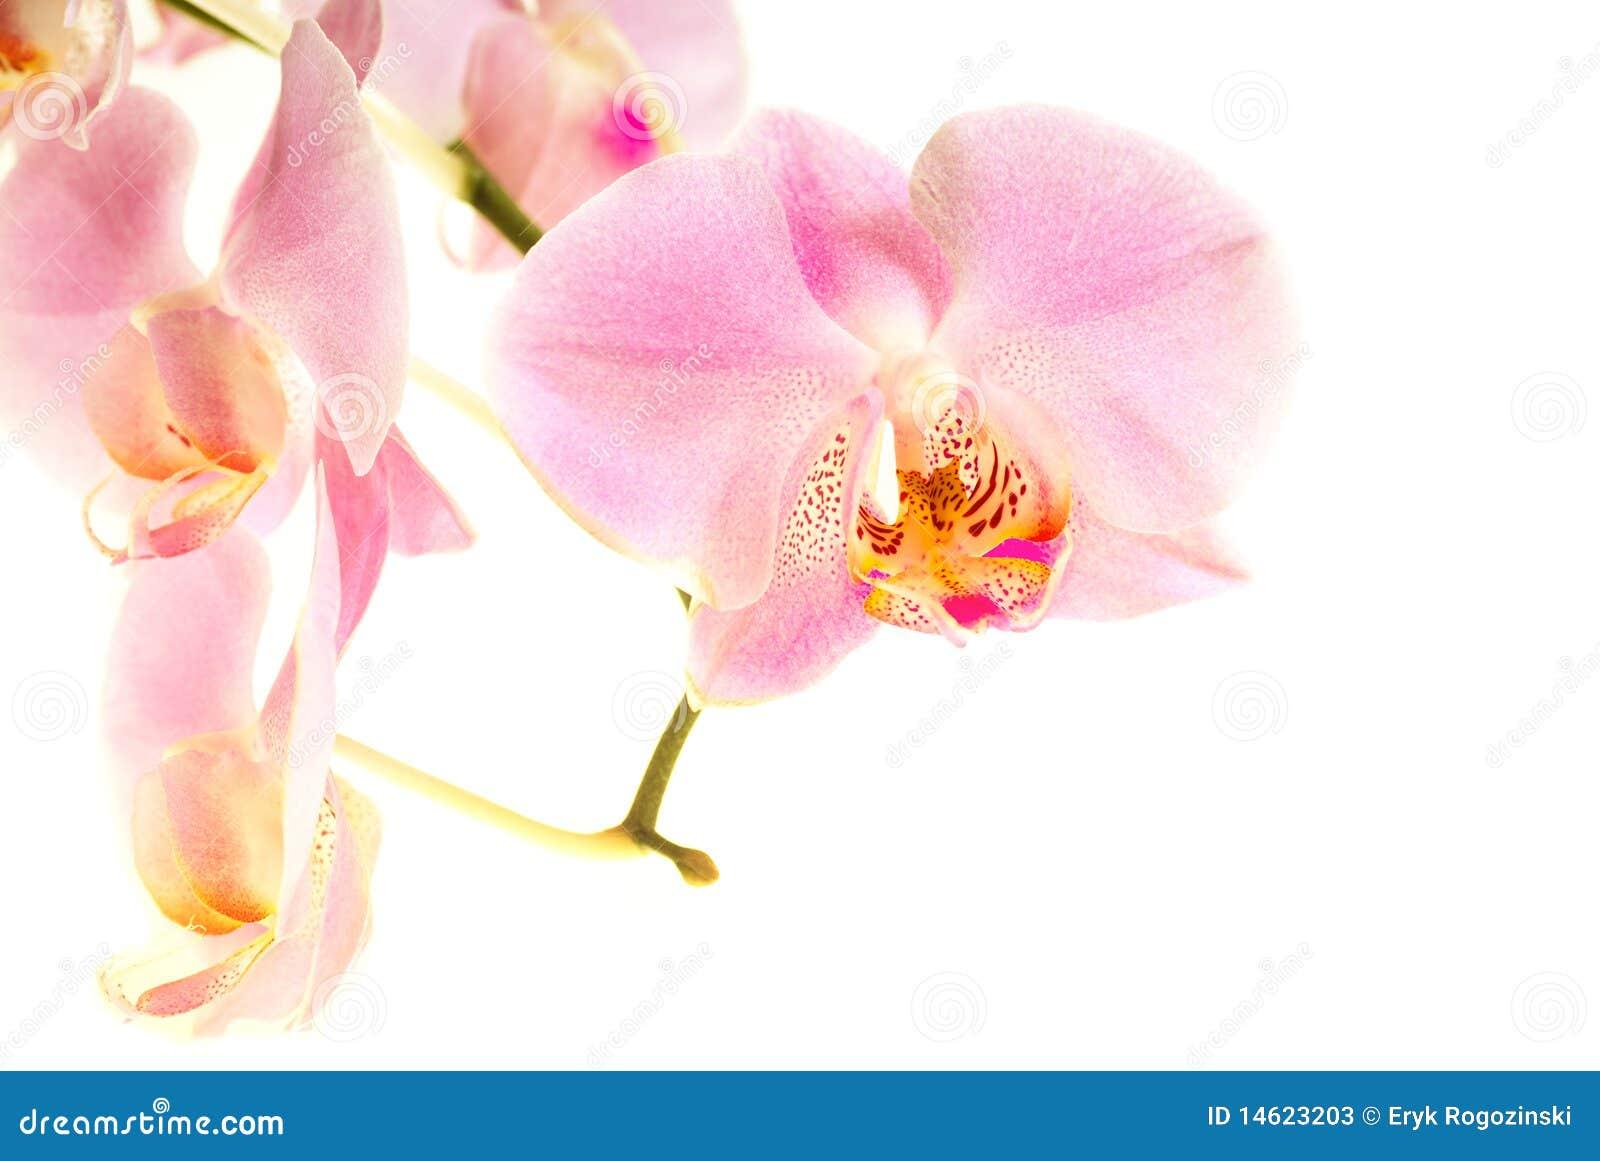 Flor da orquídea